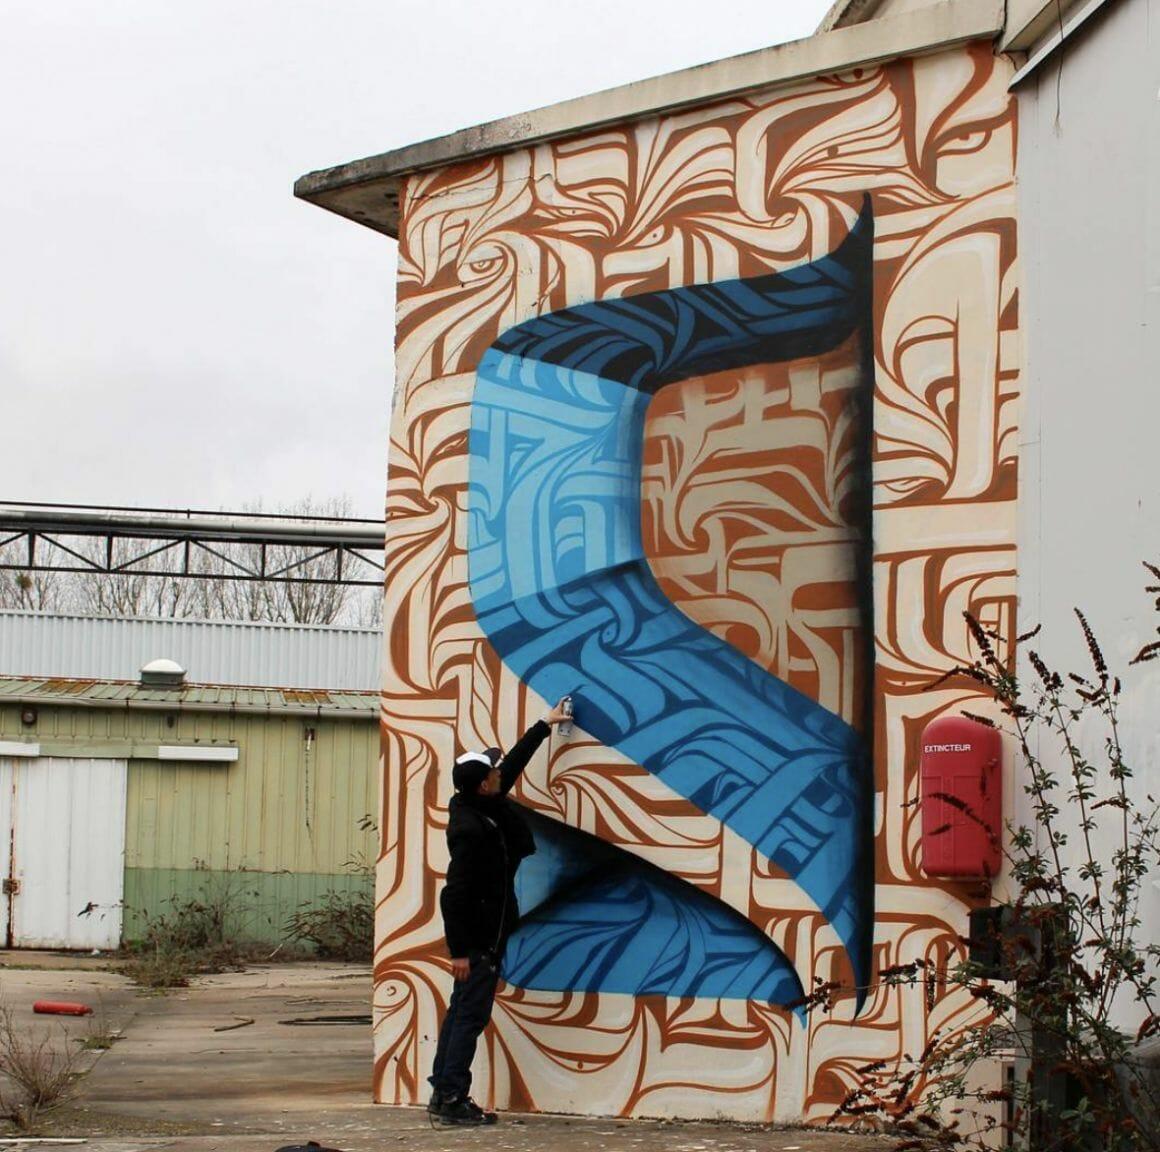 Peinture murale à Paris par Astro